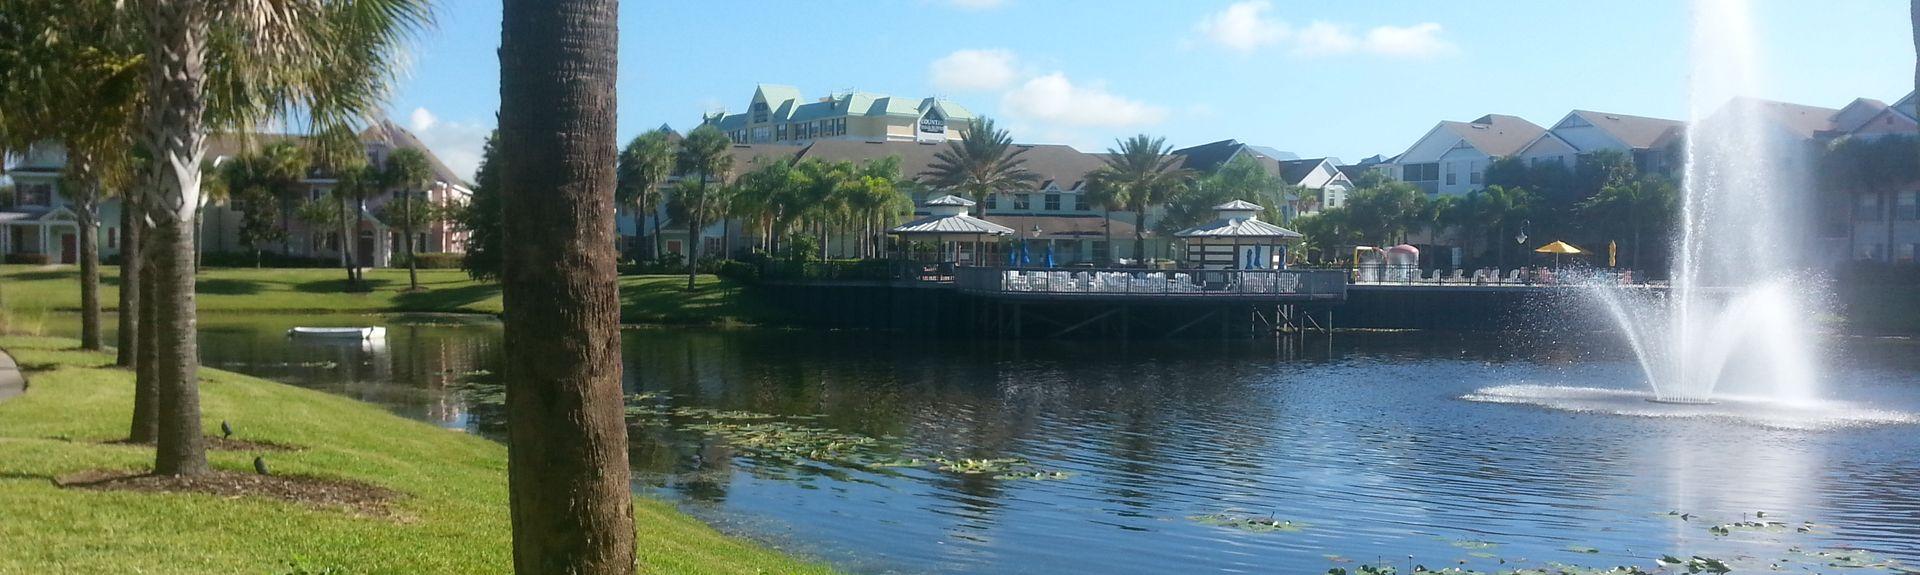 Harry P. Leu Gardens, Orlando, Flórida, Estados Unidos